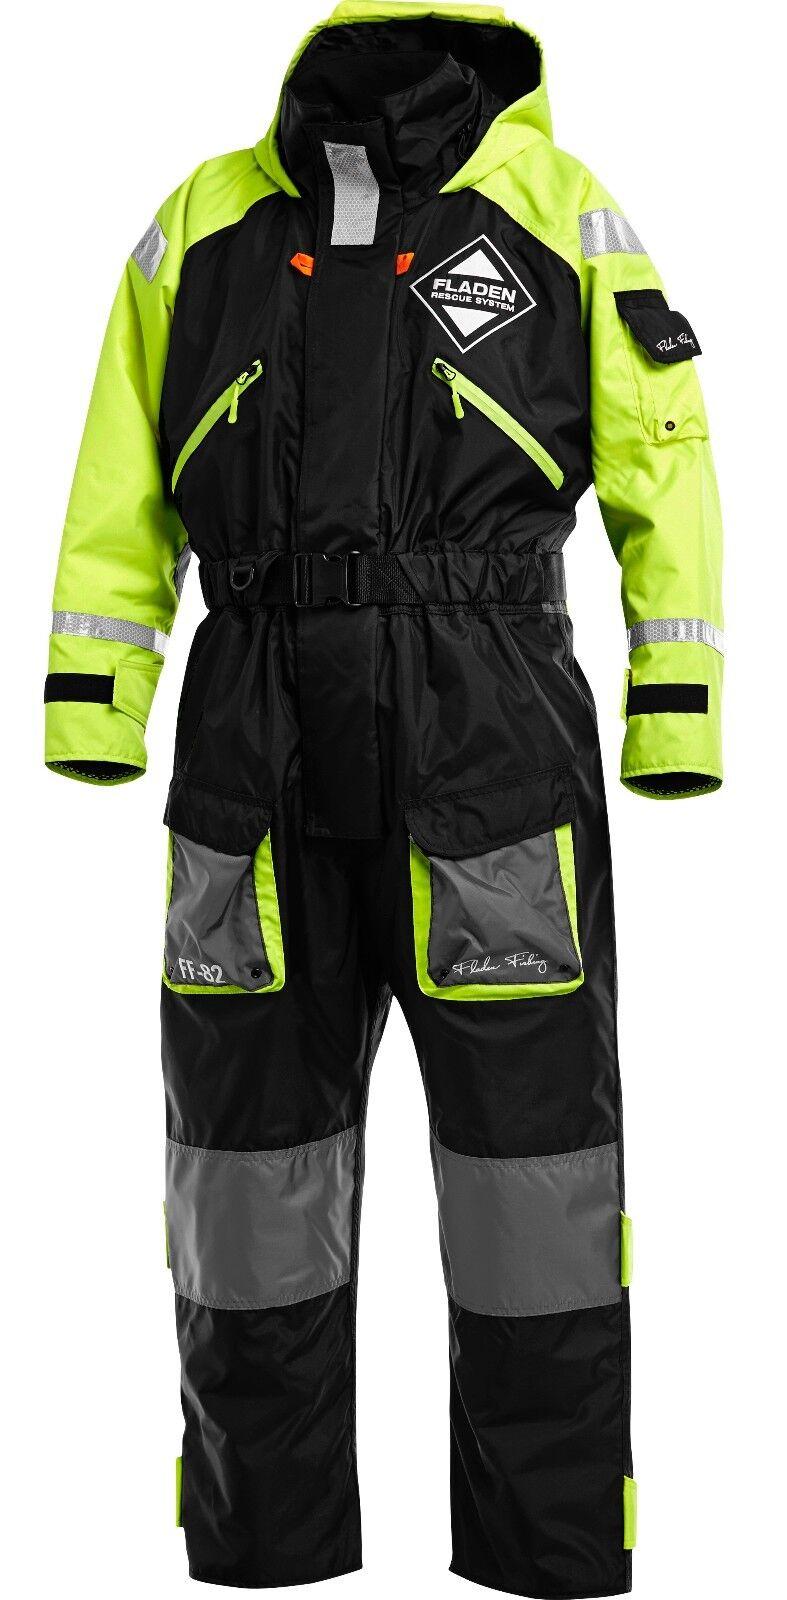 Fladen flotación traje, cálidas, impermeable Negro y Amarillo Grande L